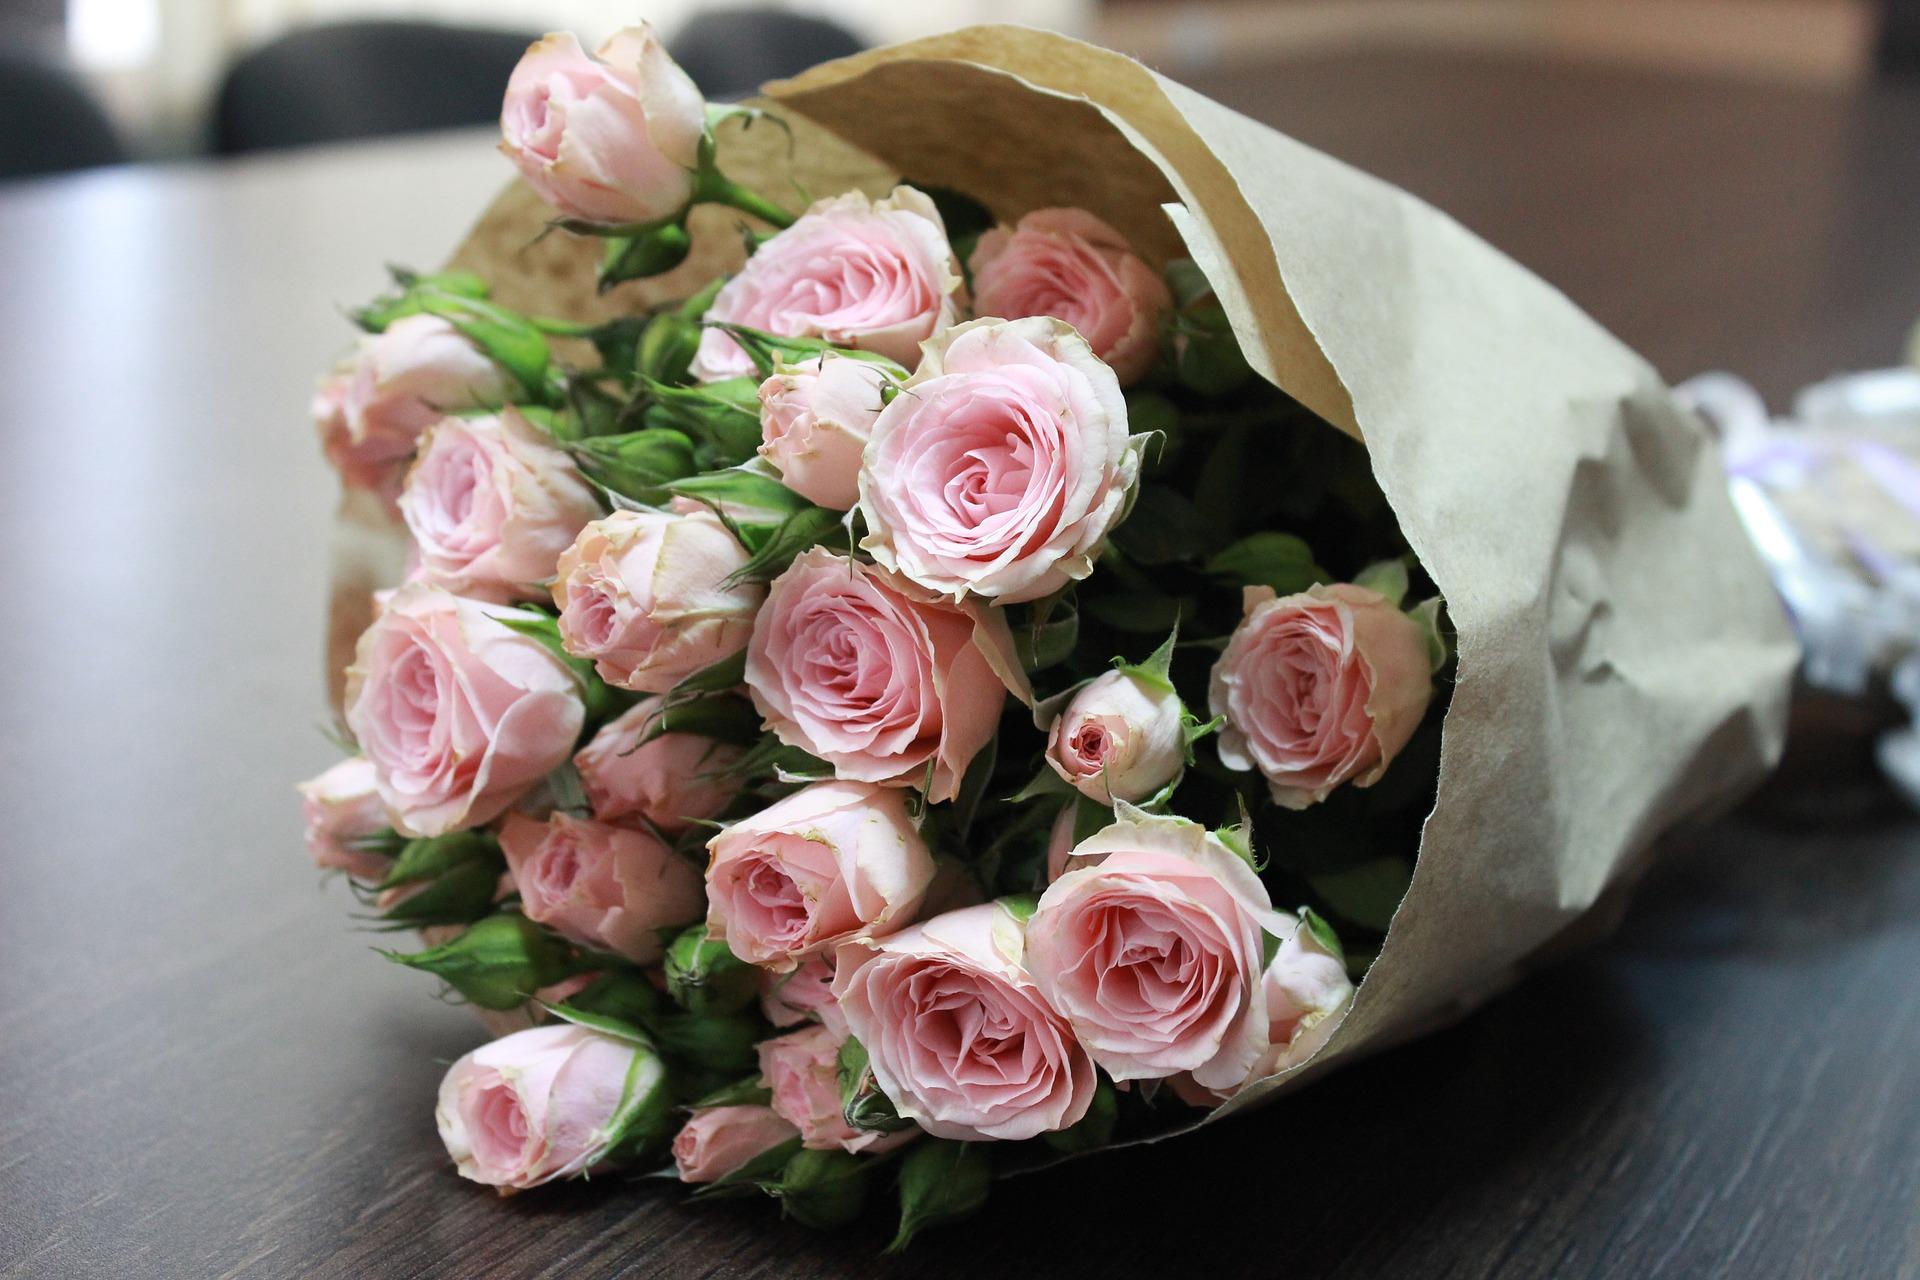 بالصور باقات ورود , الورد لغه الحب والجمال 4300 8